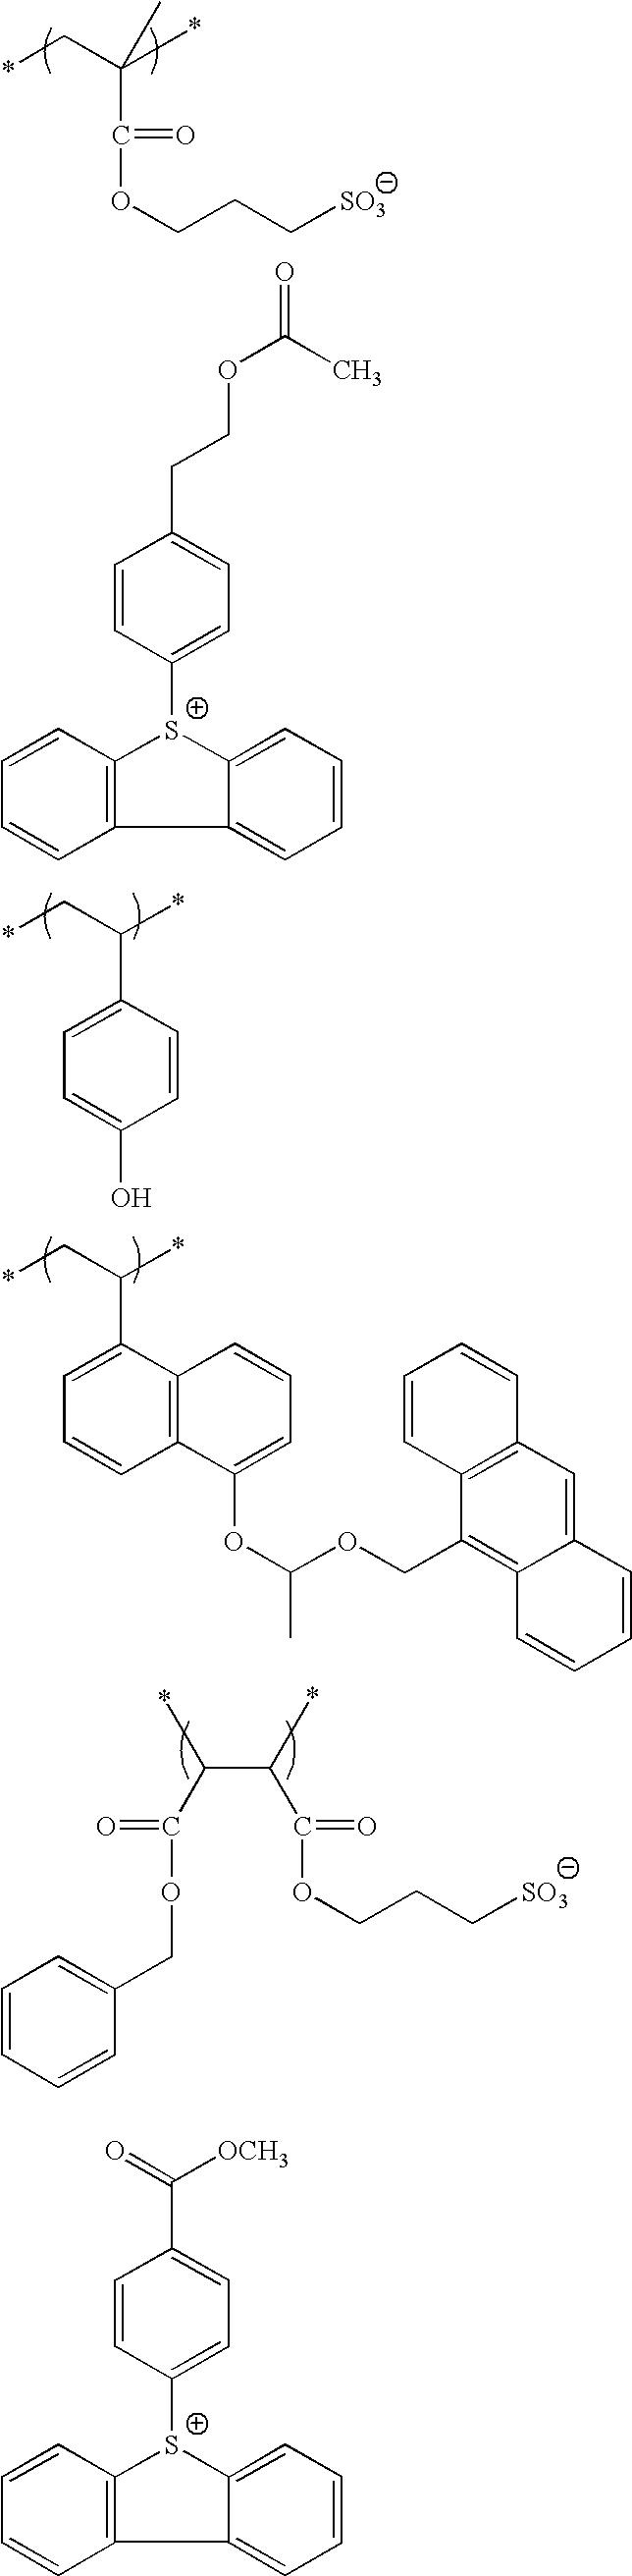 Figure US20100183975A1-20100722-C00191